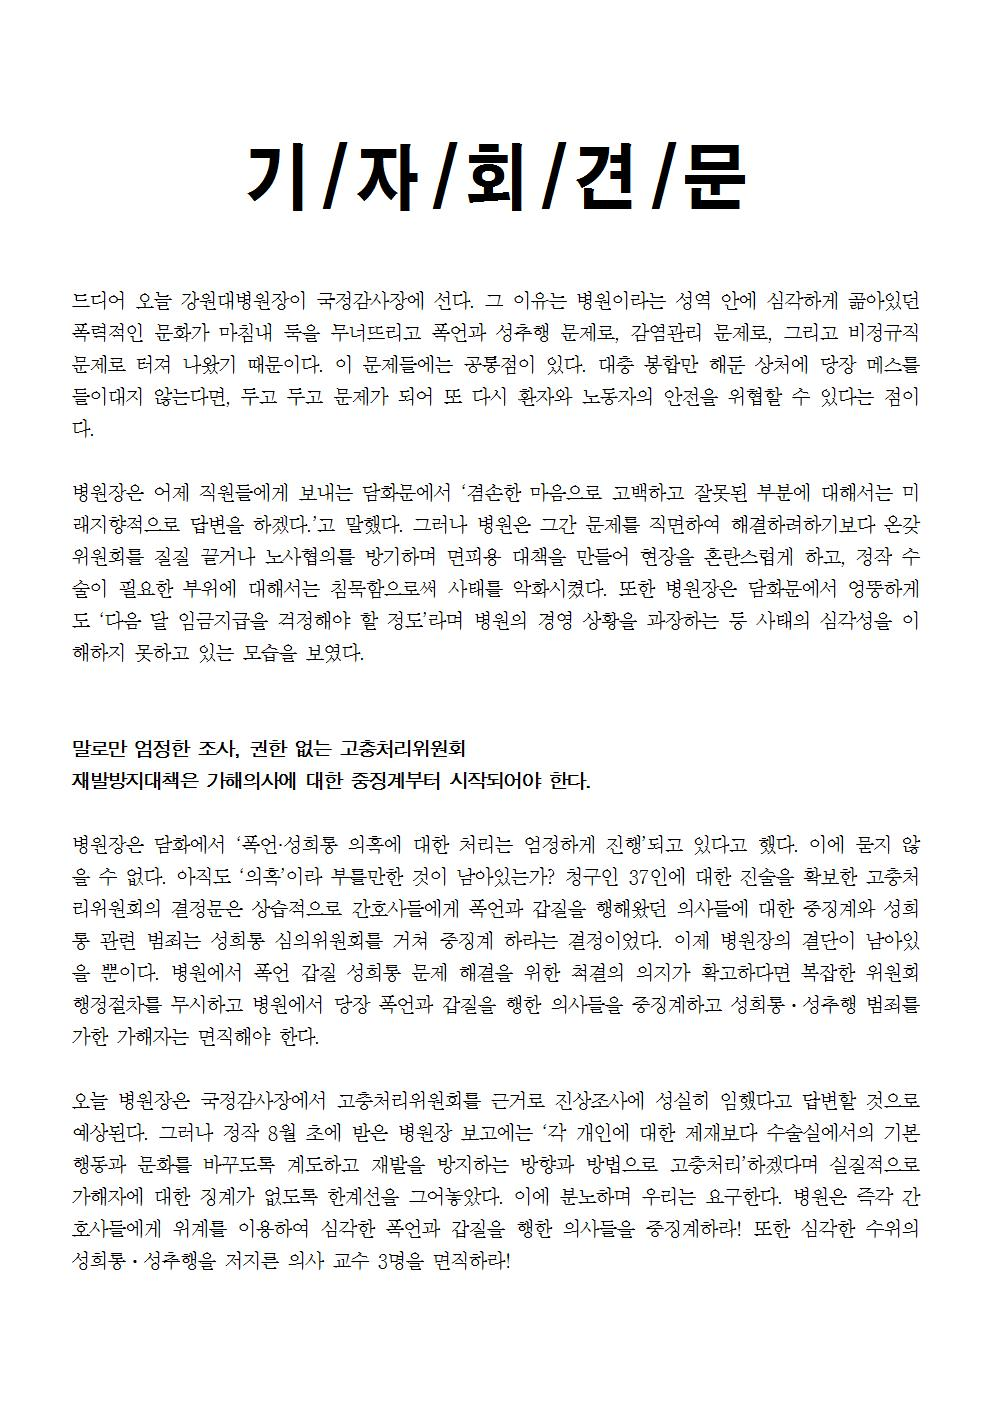 181025_[보도자료] 강원대병원장국정감사 원하청 공동기자회견004.jpg